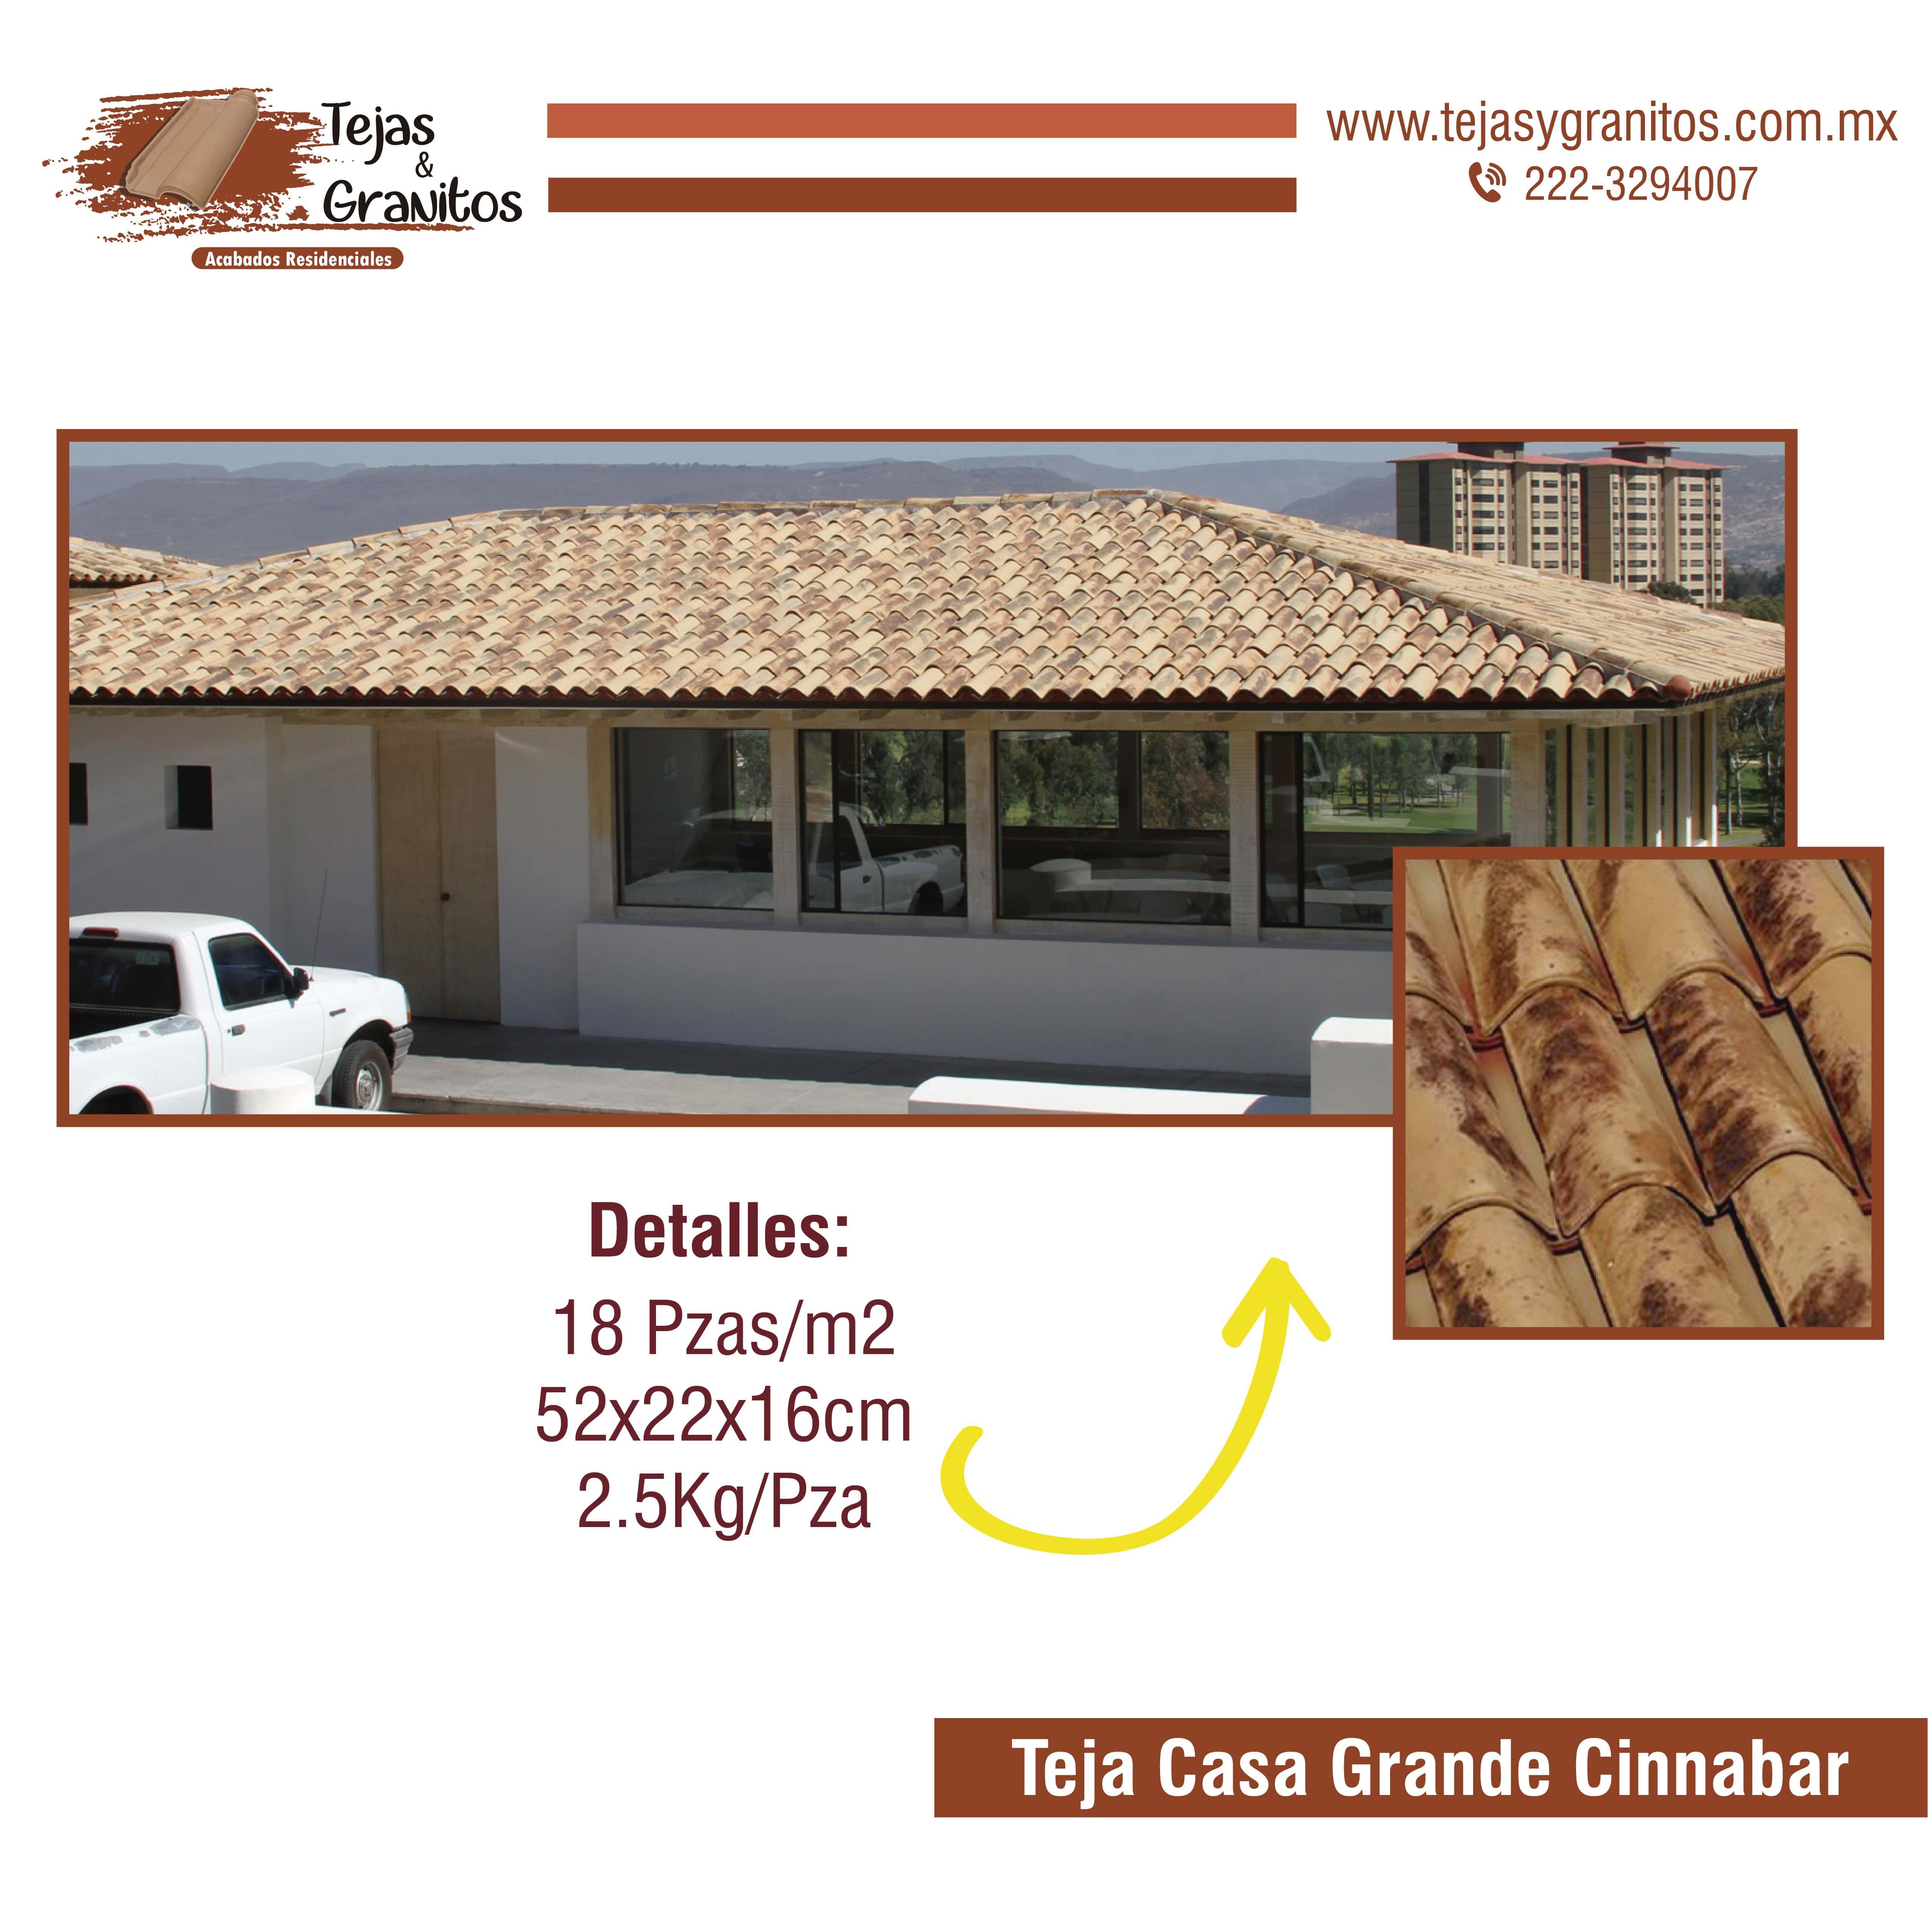 Teja Casa Grande Cinnabar Casas Grandes Teja Tejidos